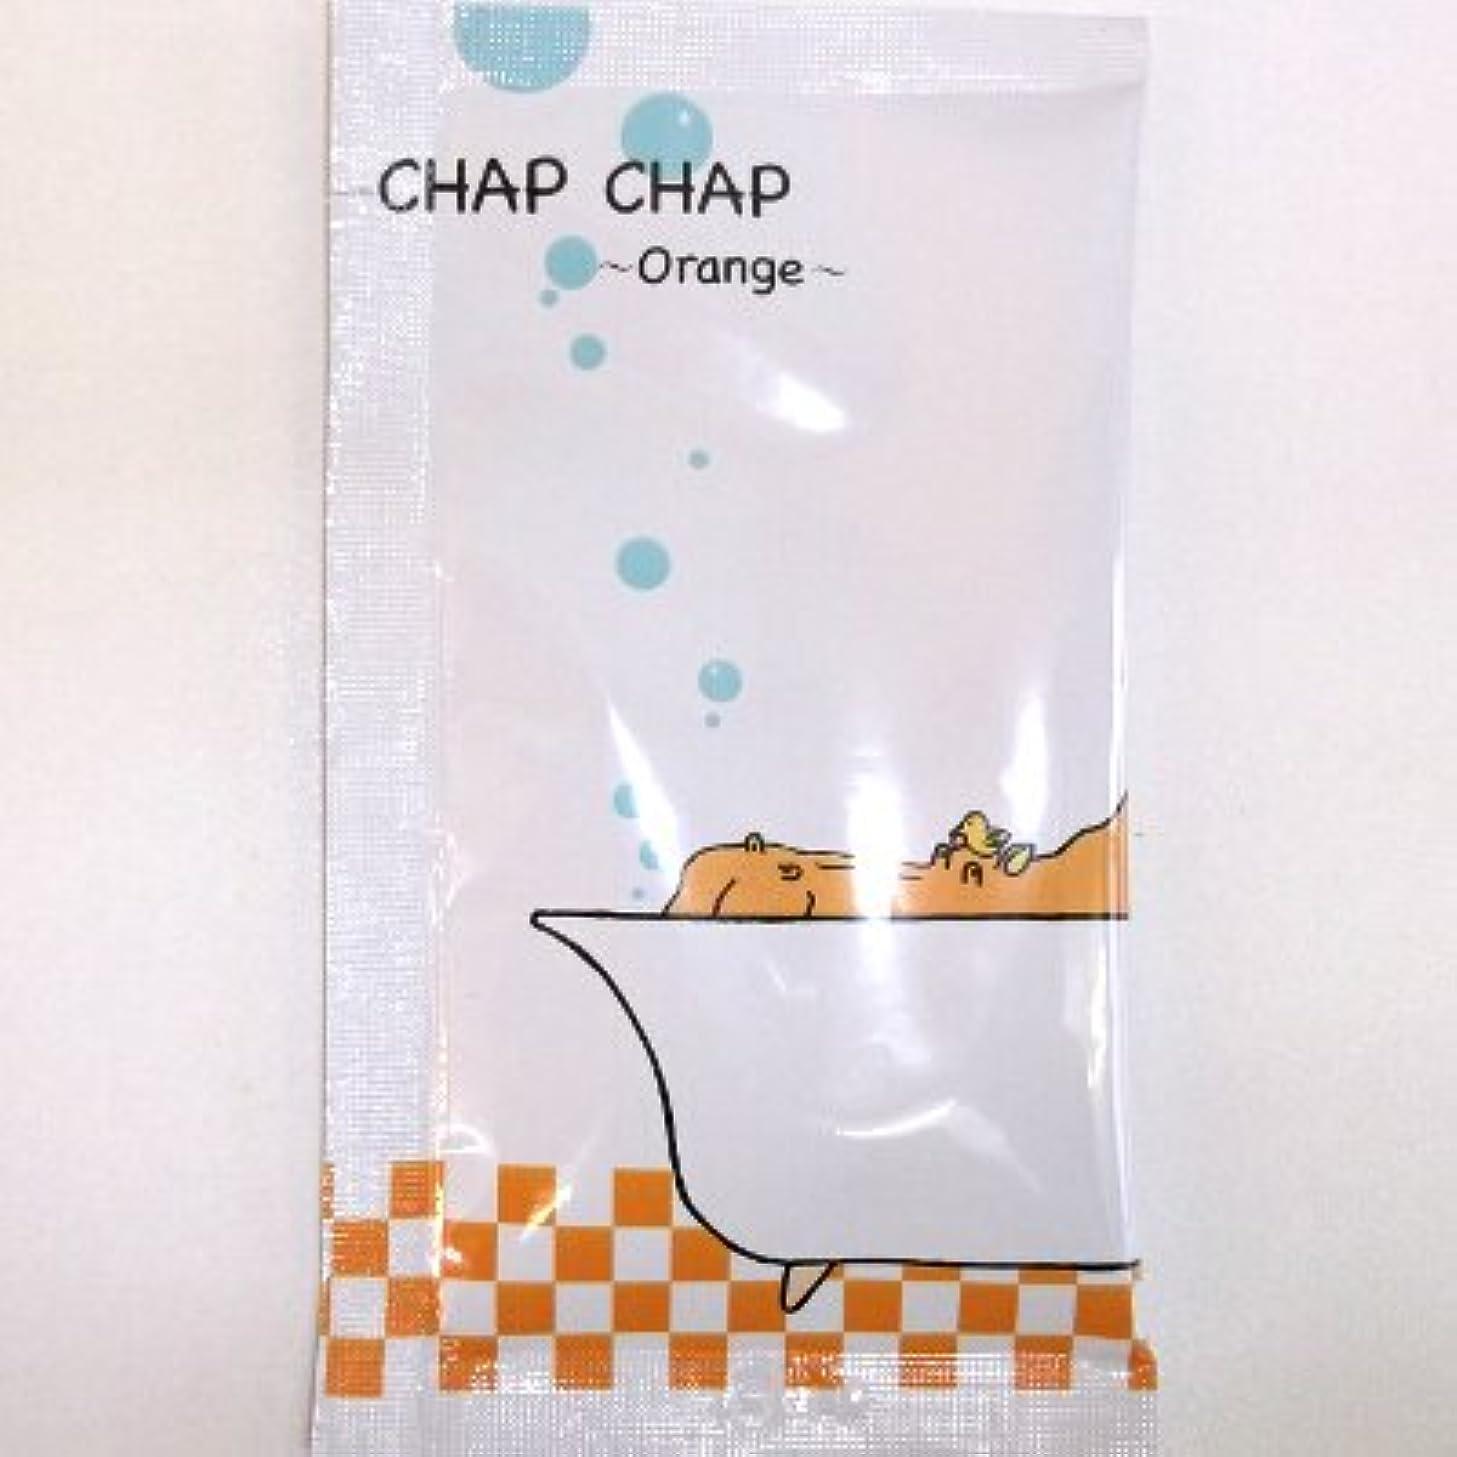 マイクロ中央値マスクCHAP CHAP オレンジオイルの香り